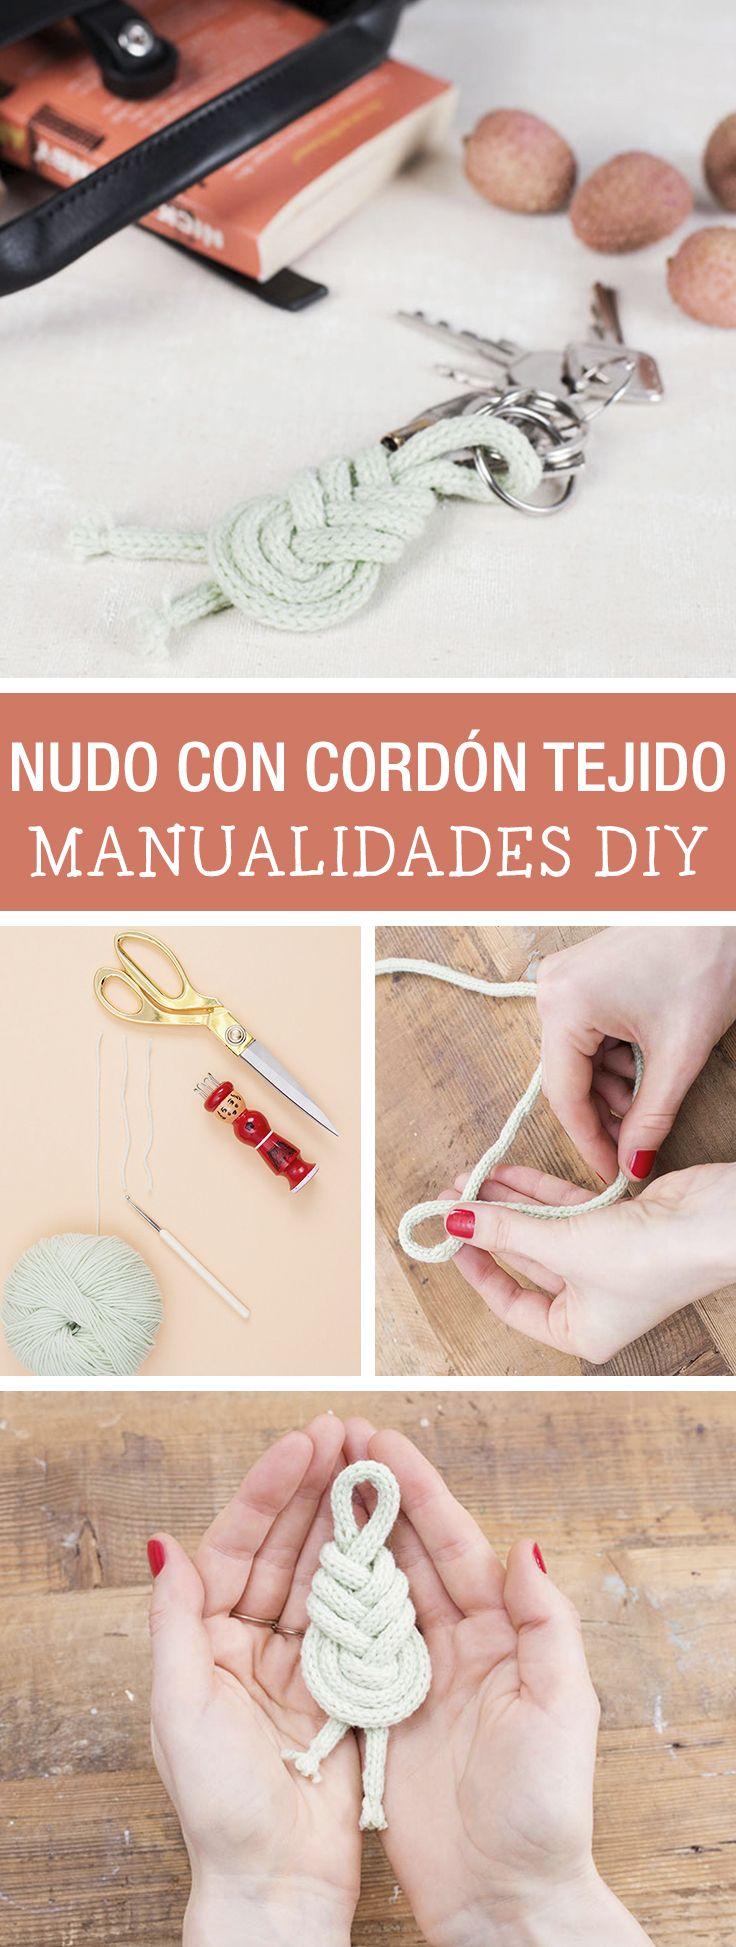 Tutorial DIY - CÓMO HACER UN LLAVERO DE NUDO CON CORDÓN TEJIDO - Manualidades en DaWanda.es